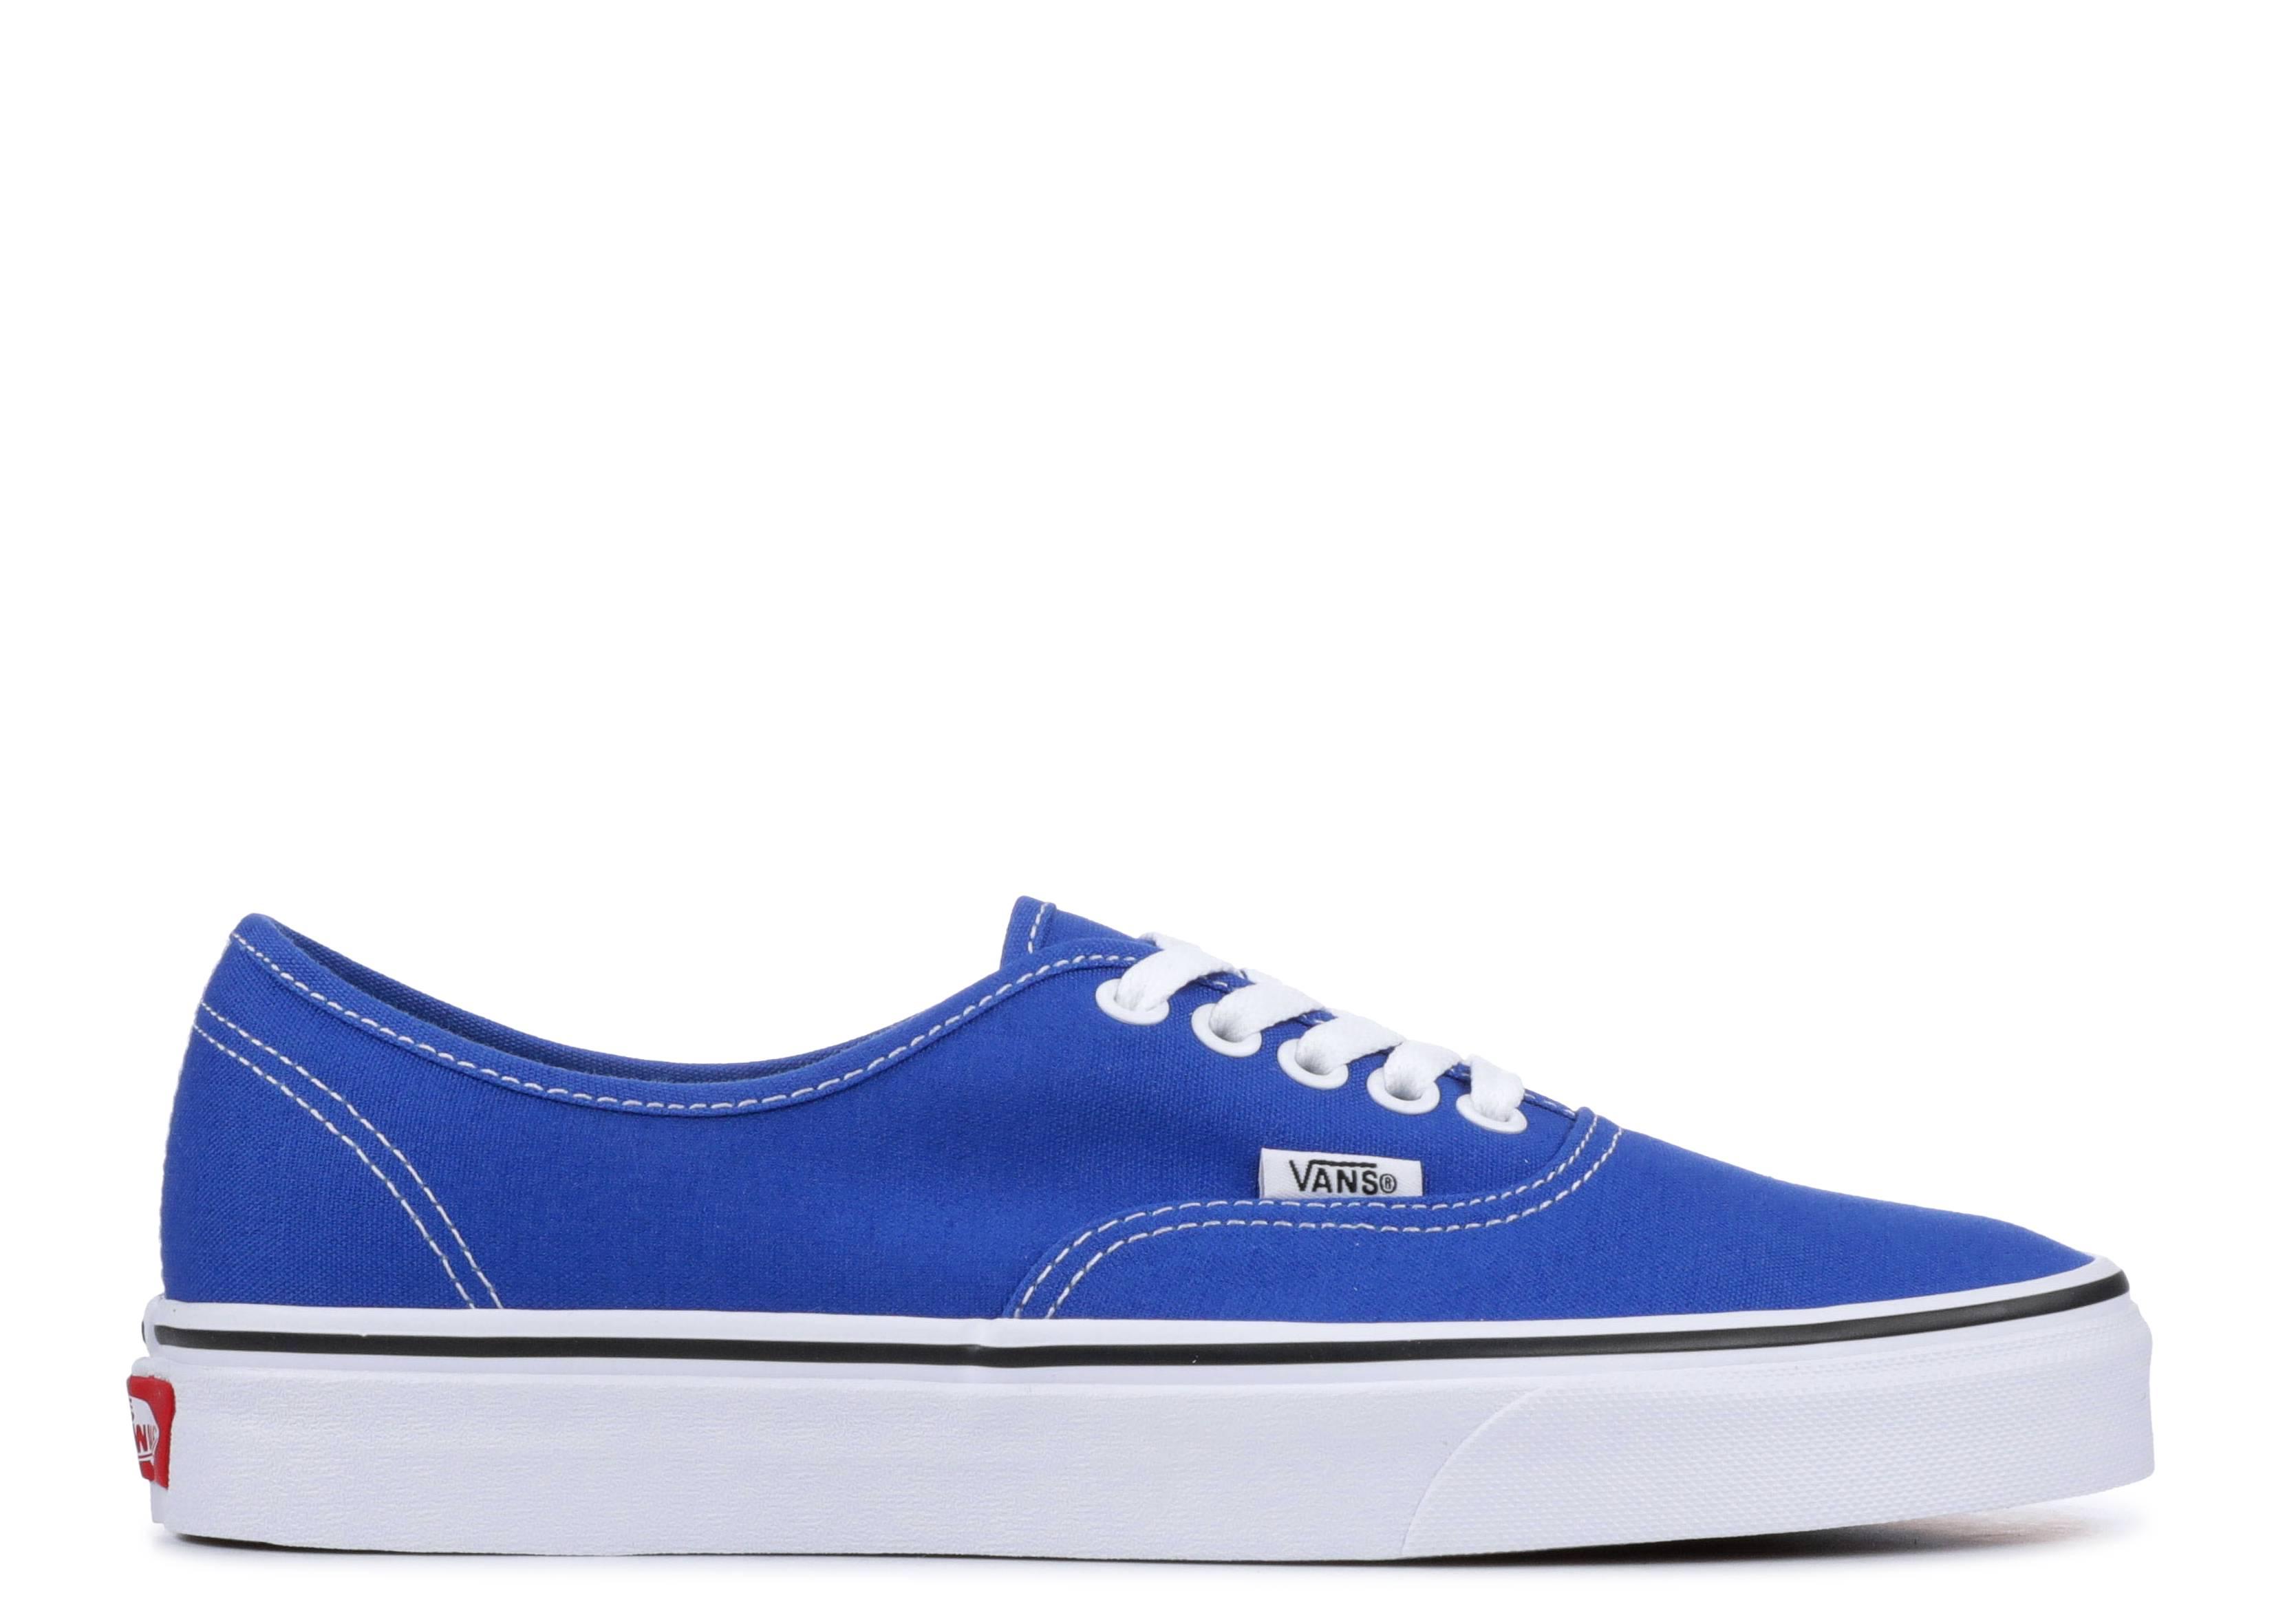 0d933290c3 Vans Authentic - Vans - vn0a38emvji - lapis blue true white